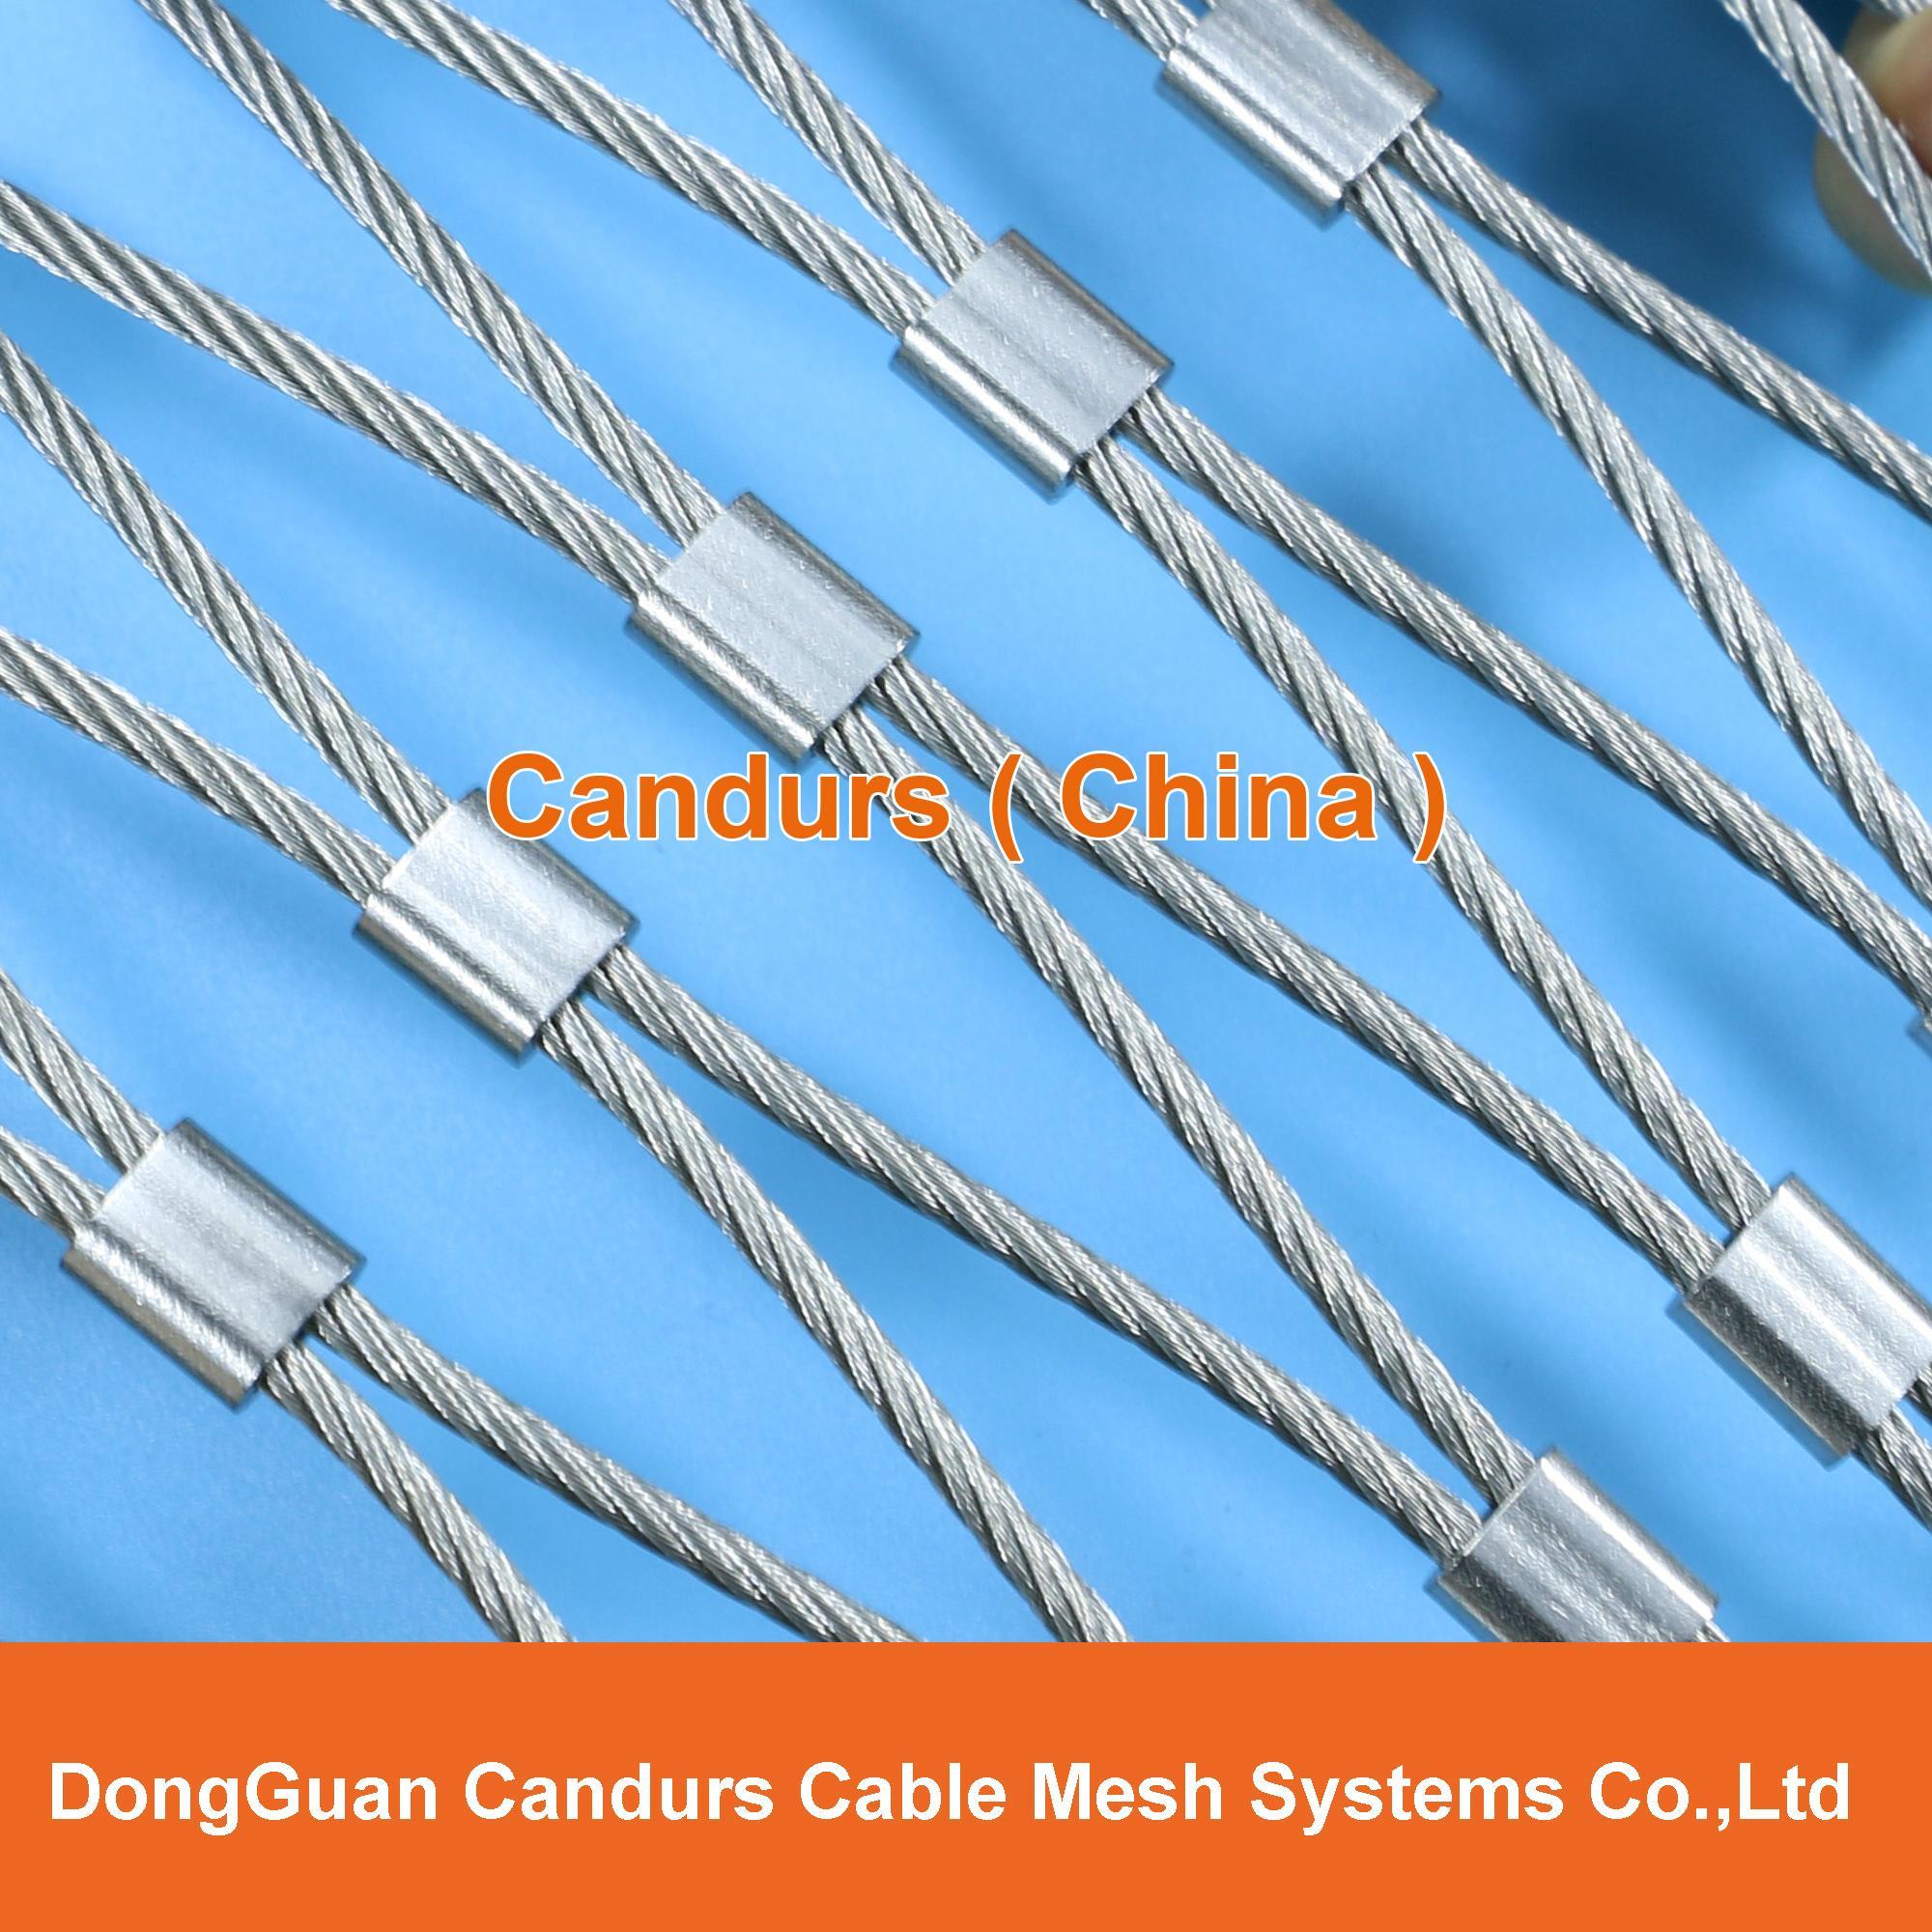 屋頂安全防護不鏽鋼繩網 1